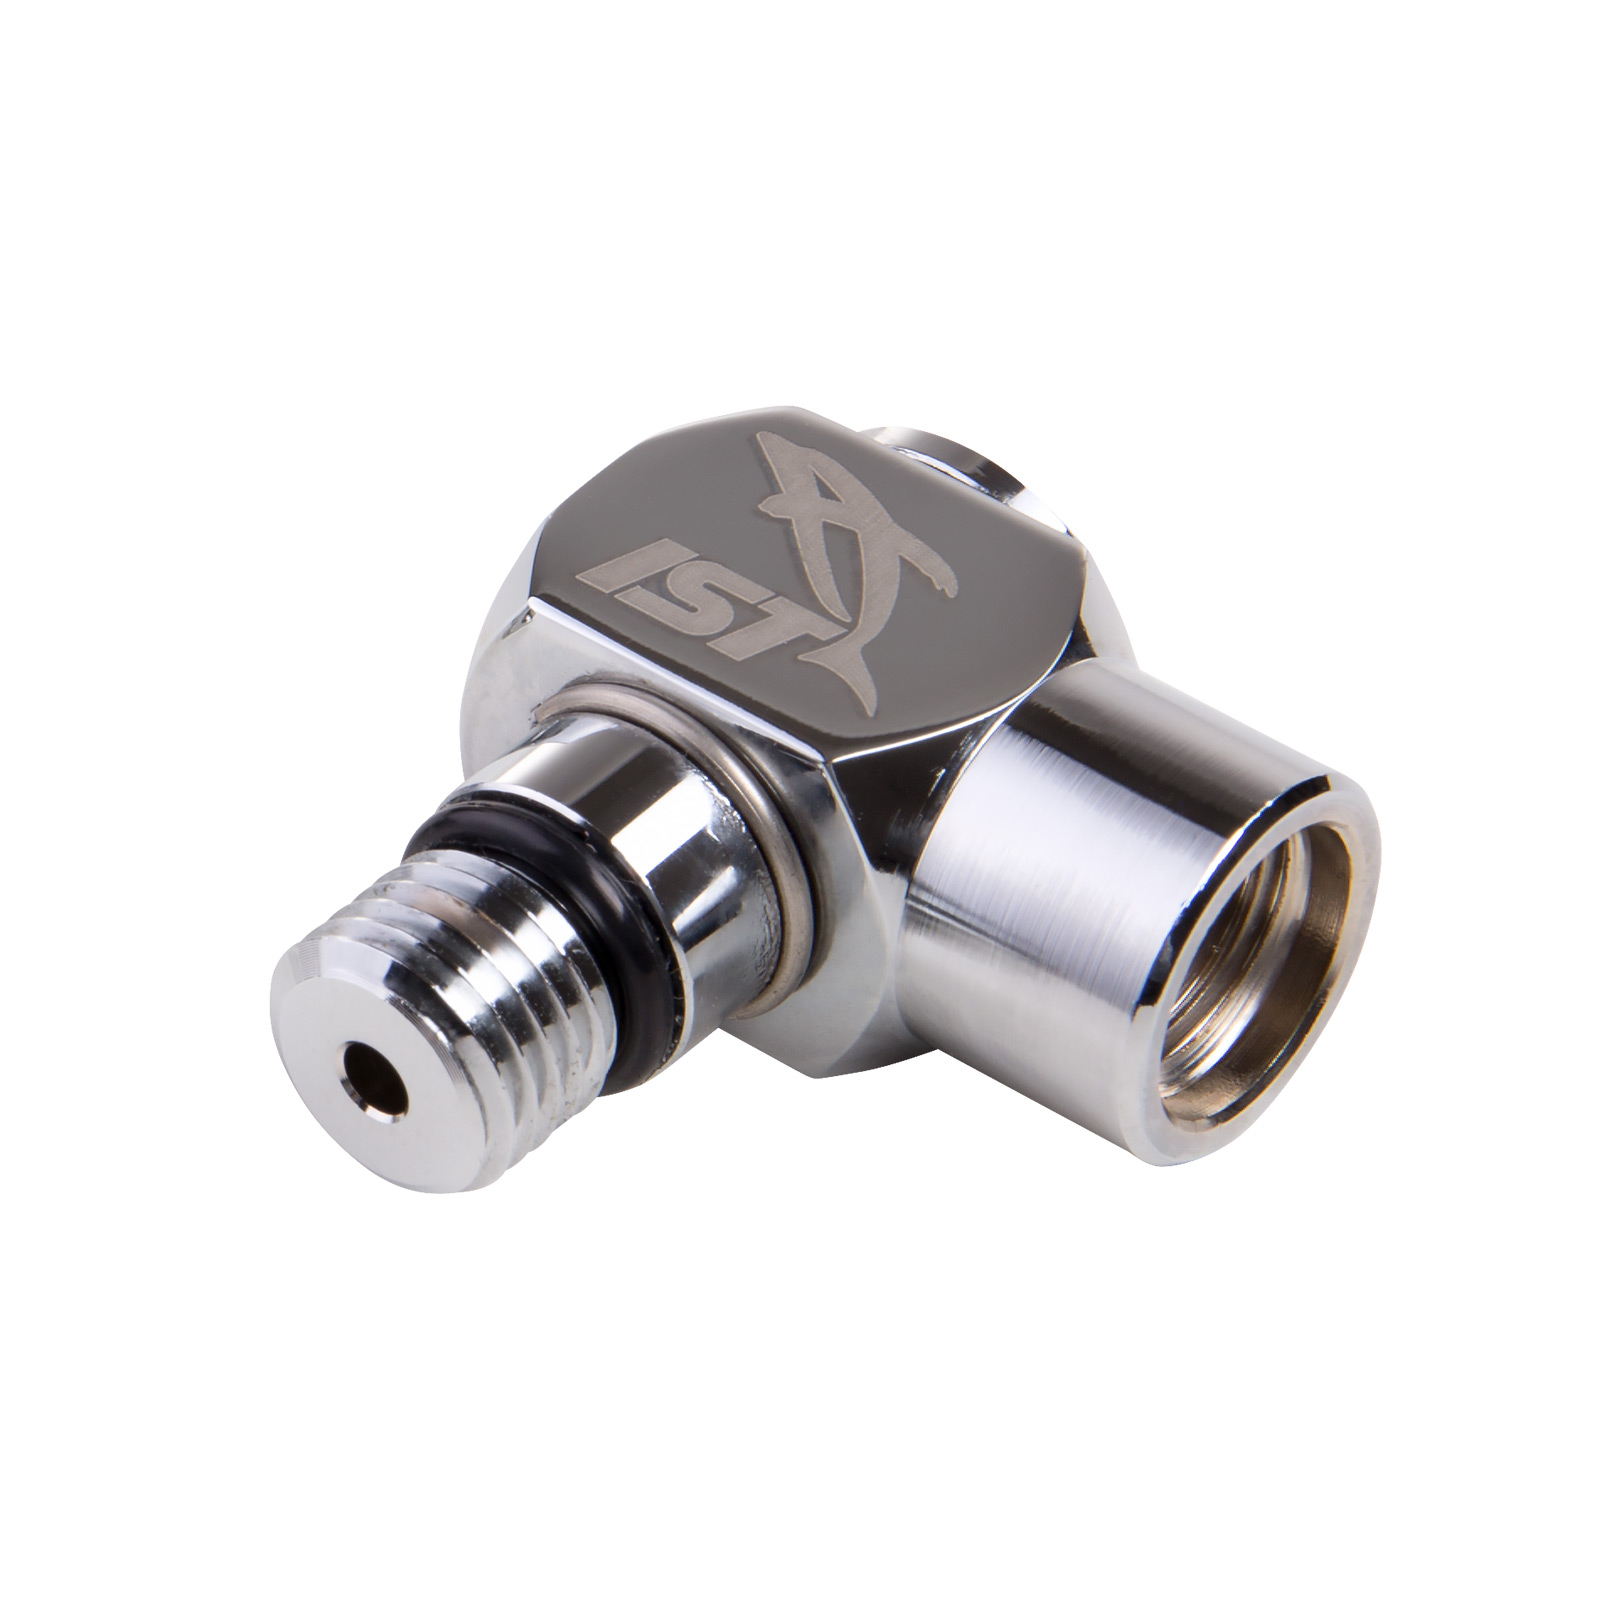 90º High Pressure Adapter